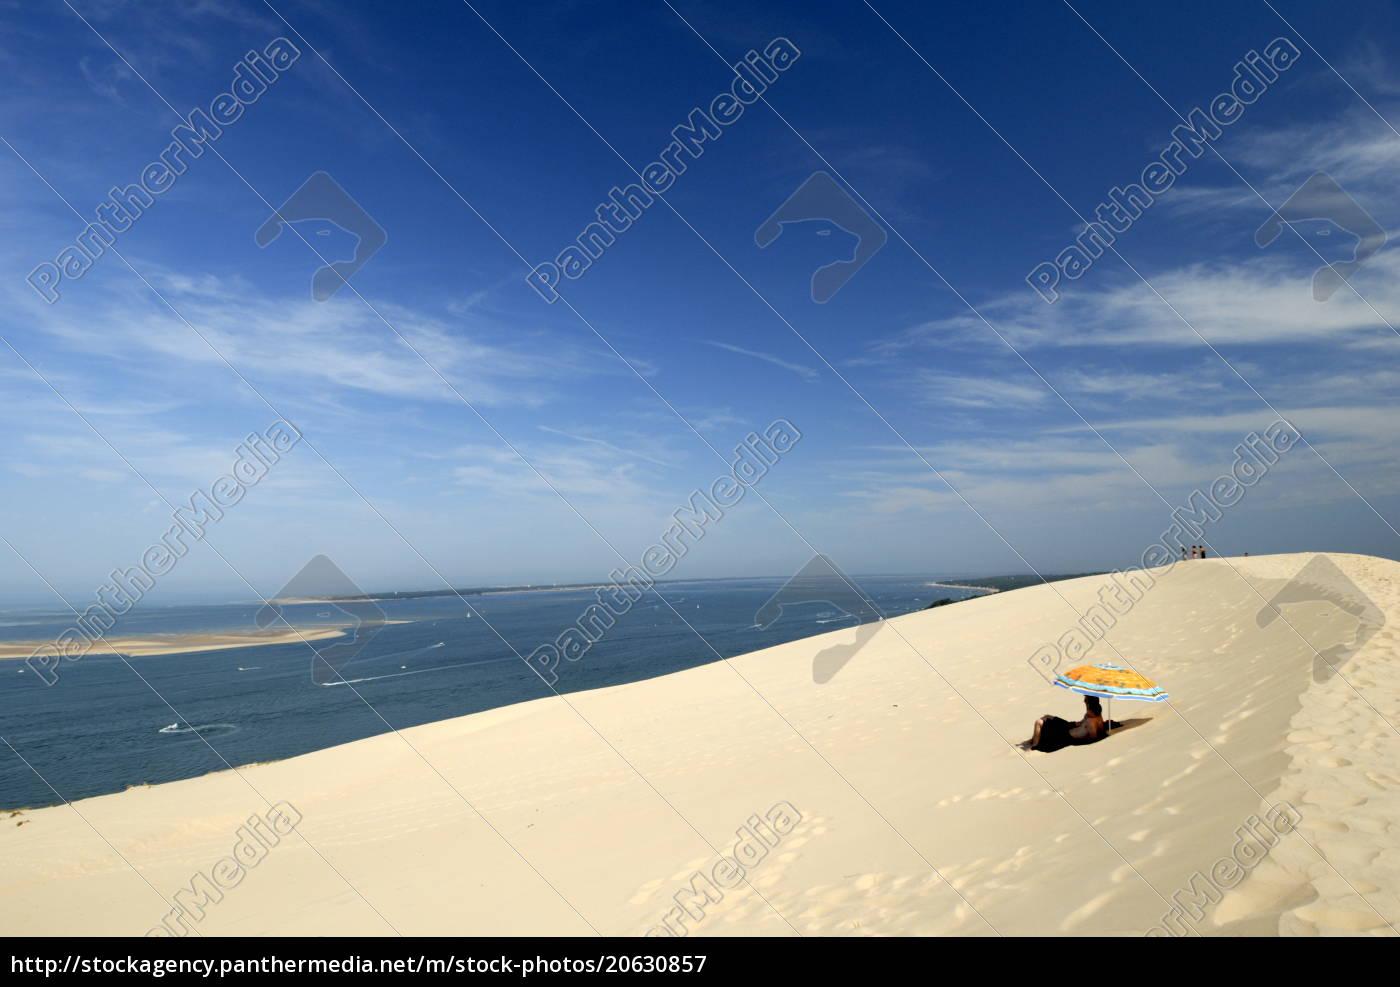 touristen, unter, einem, sonnenschirm, auf, der - 20630857